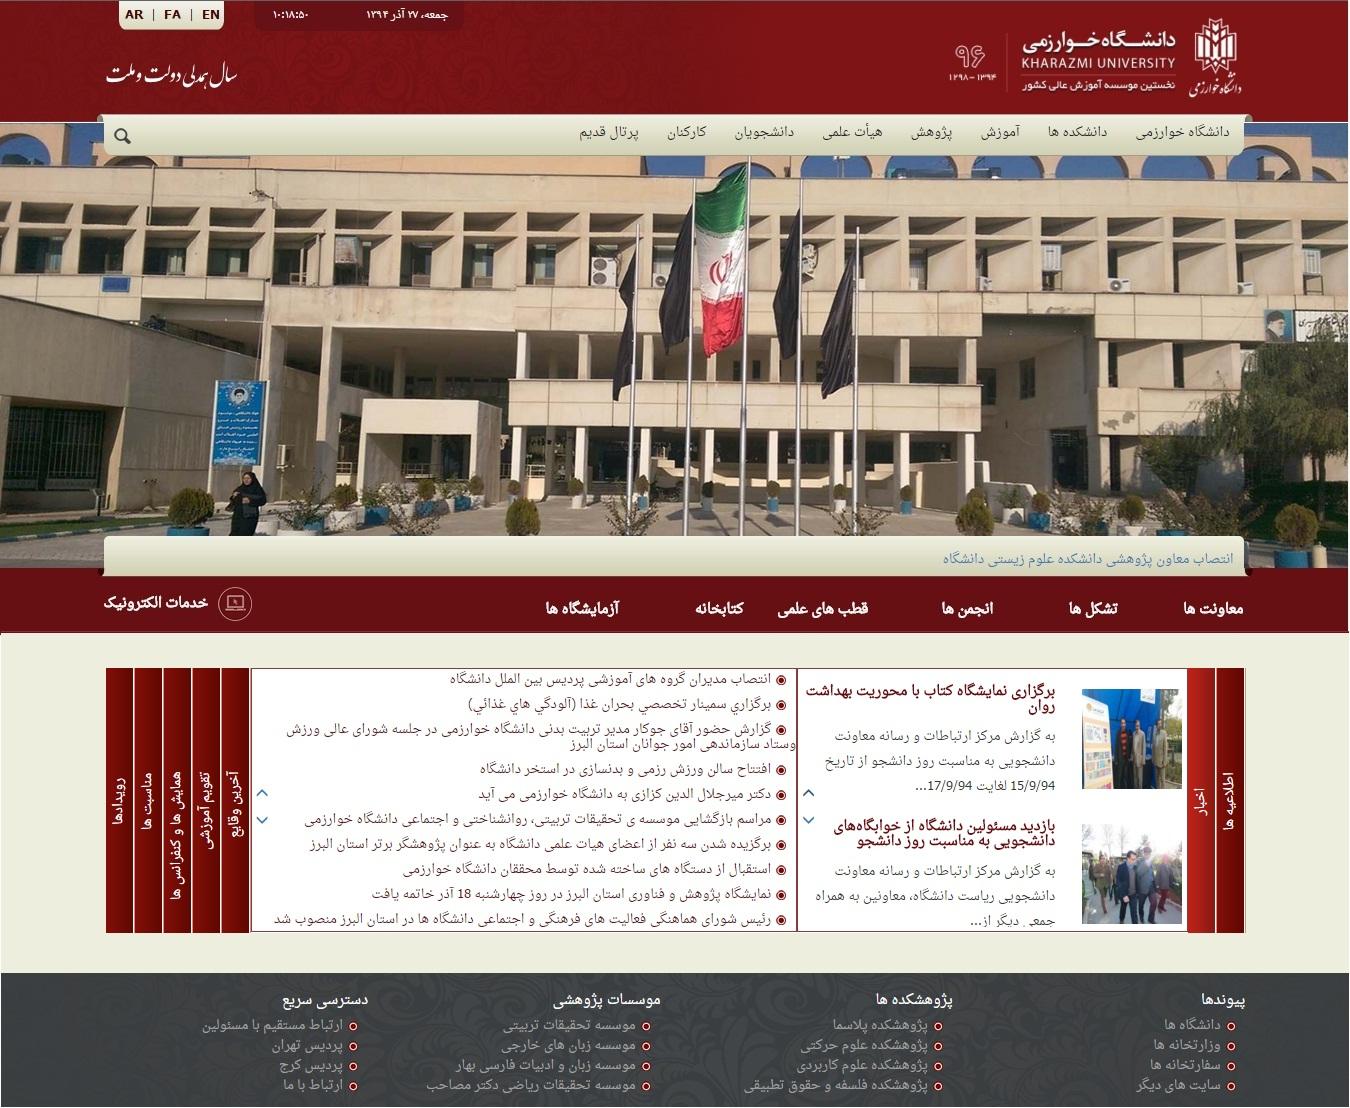 پورتال جدید دانشگاه خورزمی